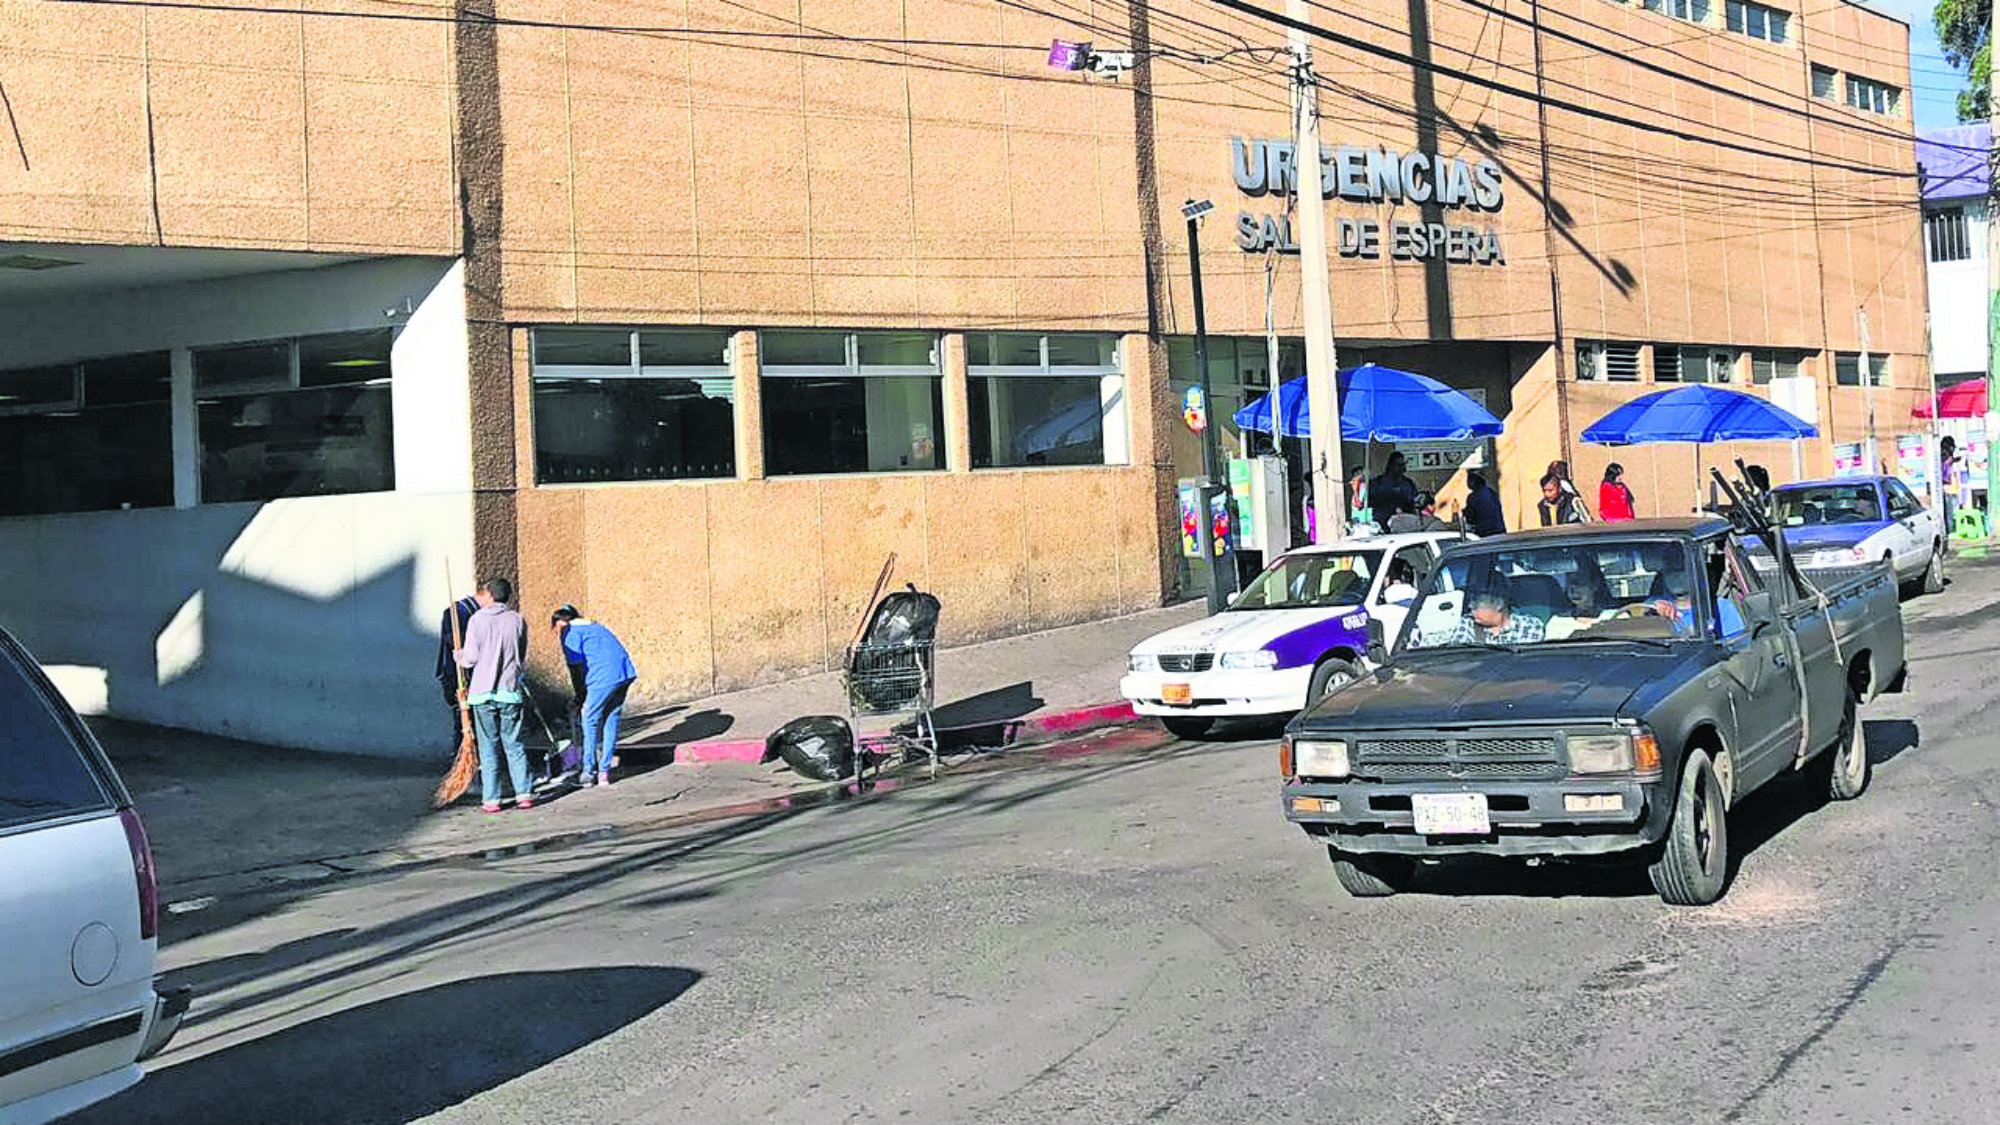 Sujeto abandona cadáver Madre muerta Morelos